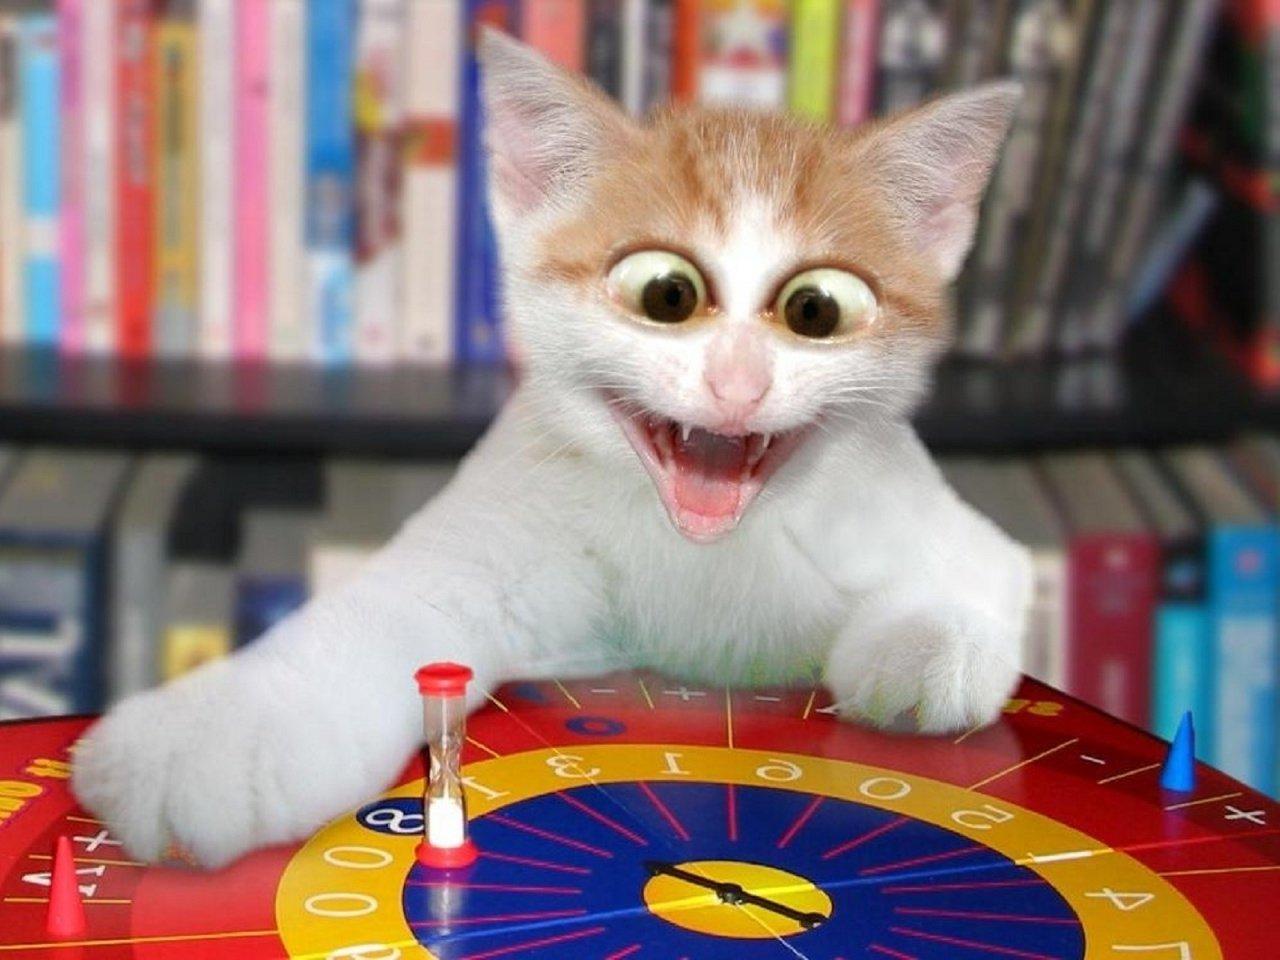 lustige katzen bilder süße katzenbilder